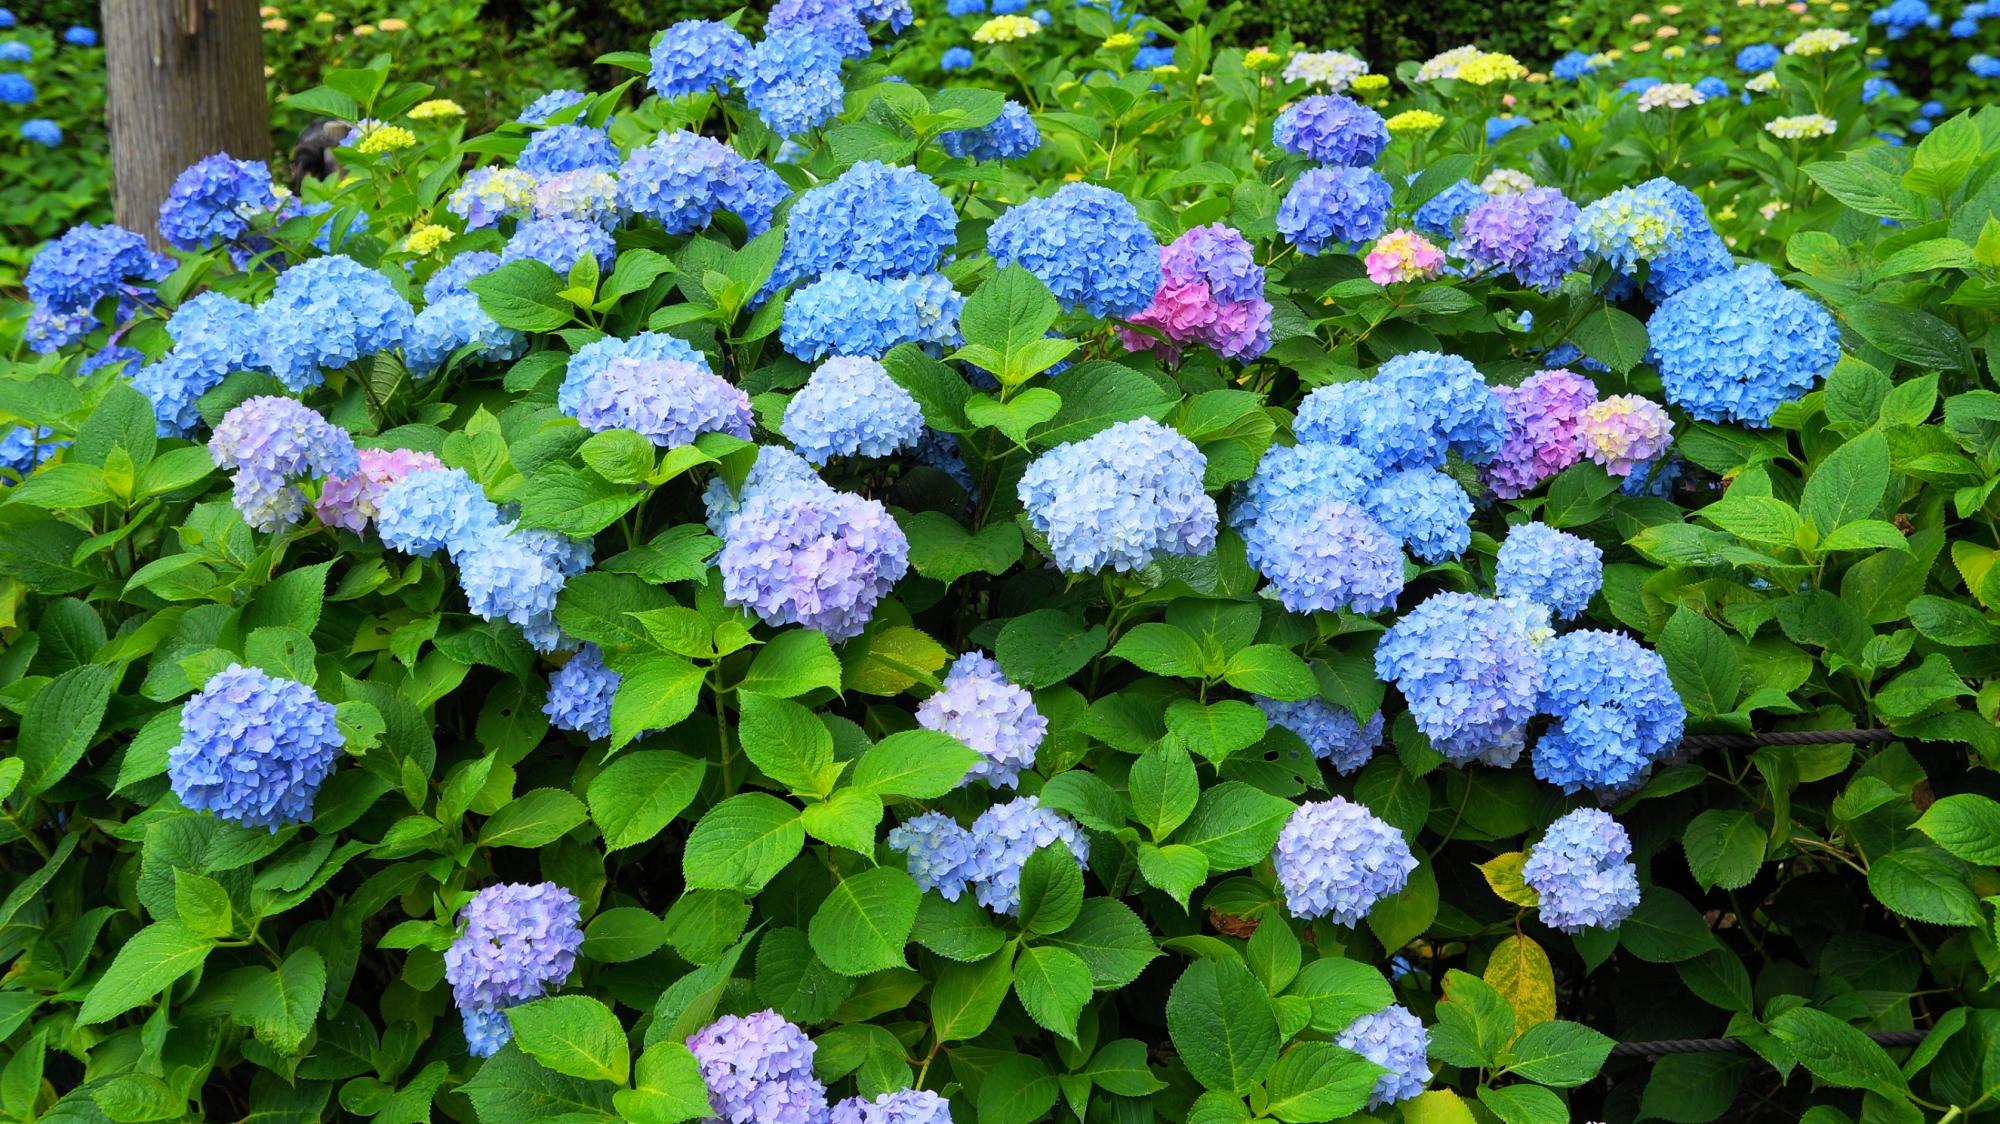 緑の上で華やぐ爽やかで綺麗なたくさんの紫陽花